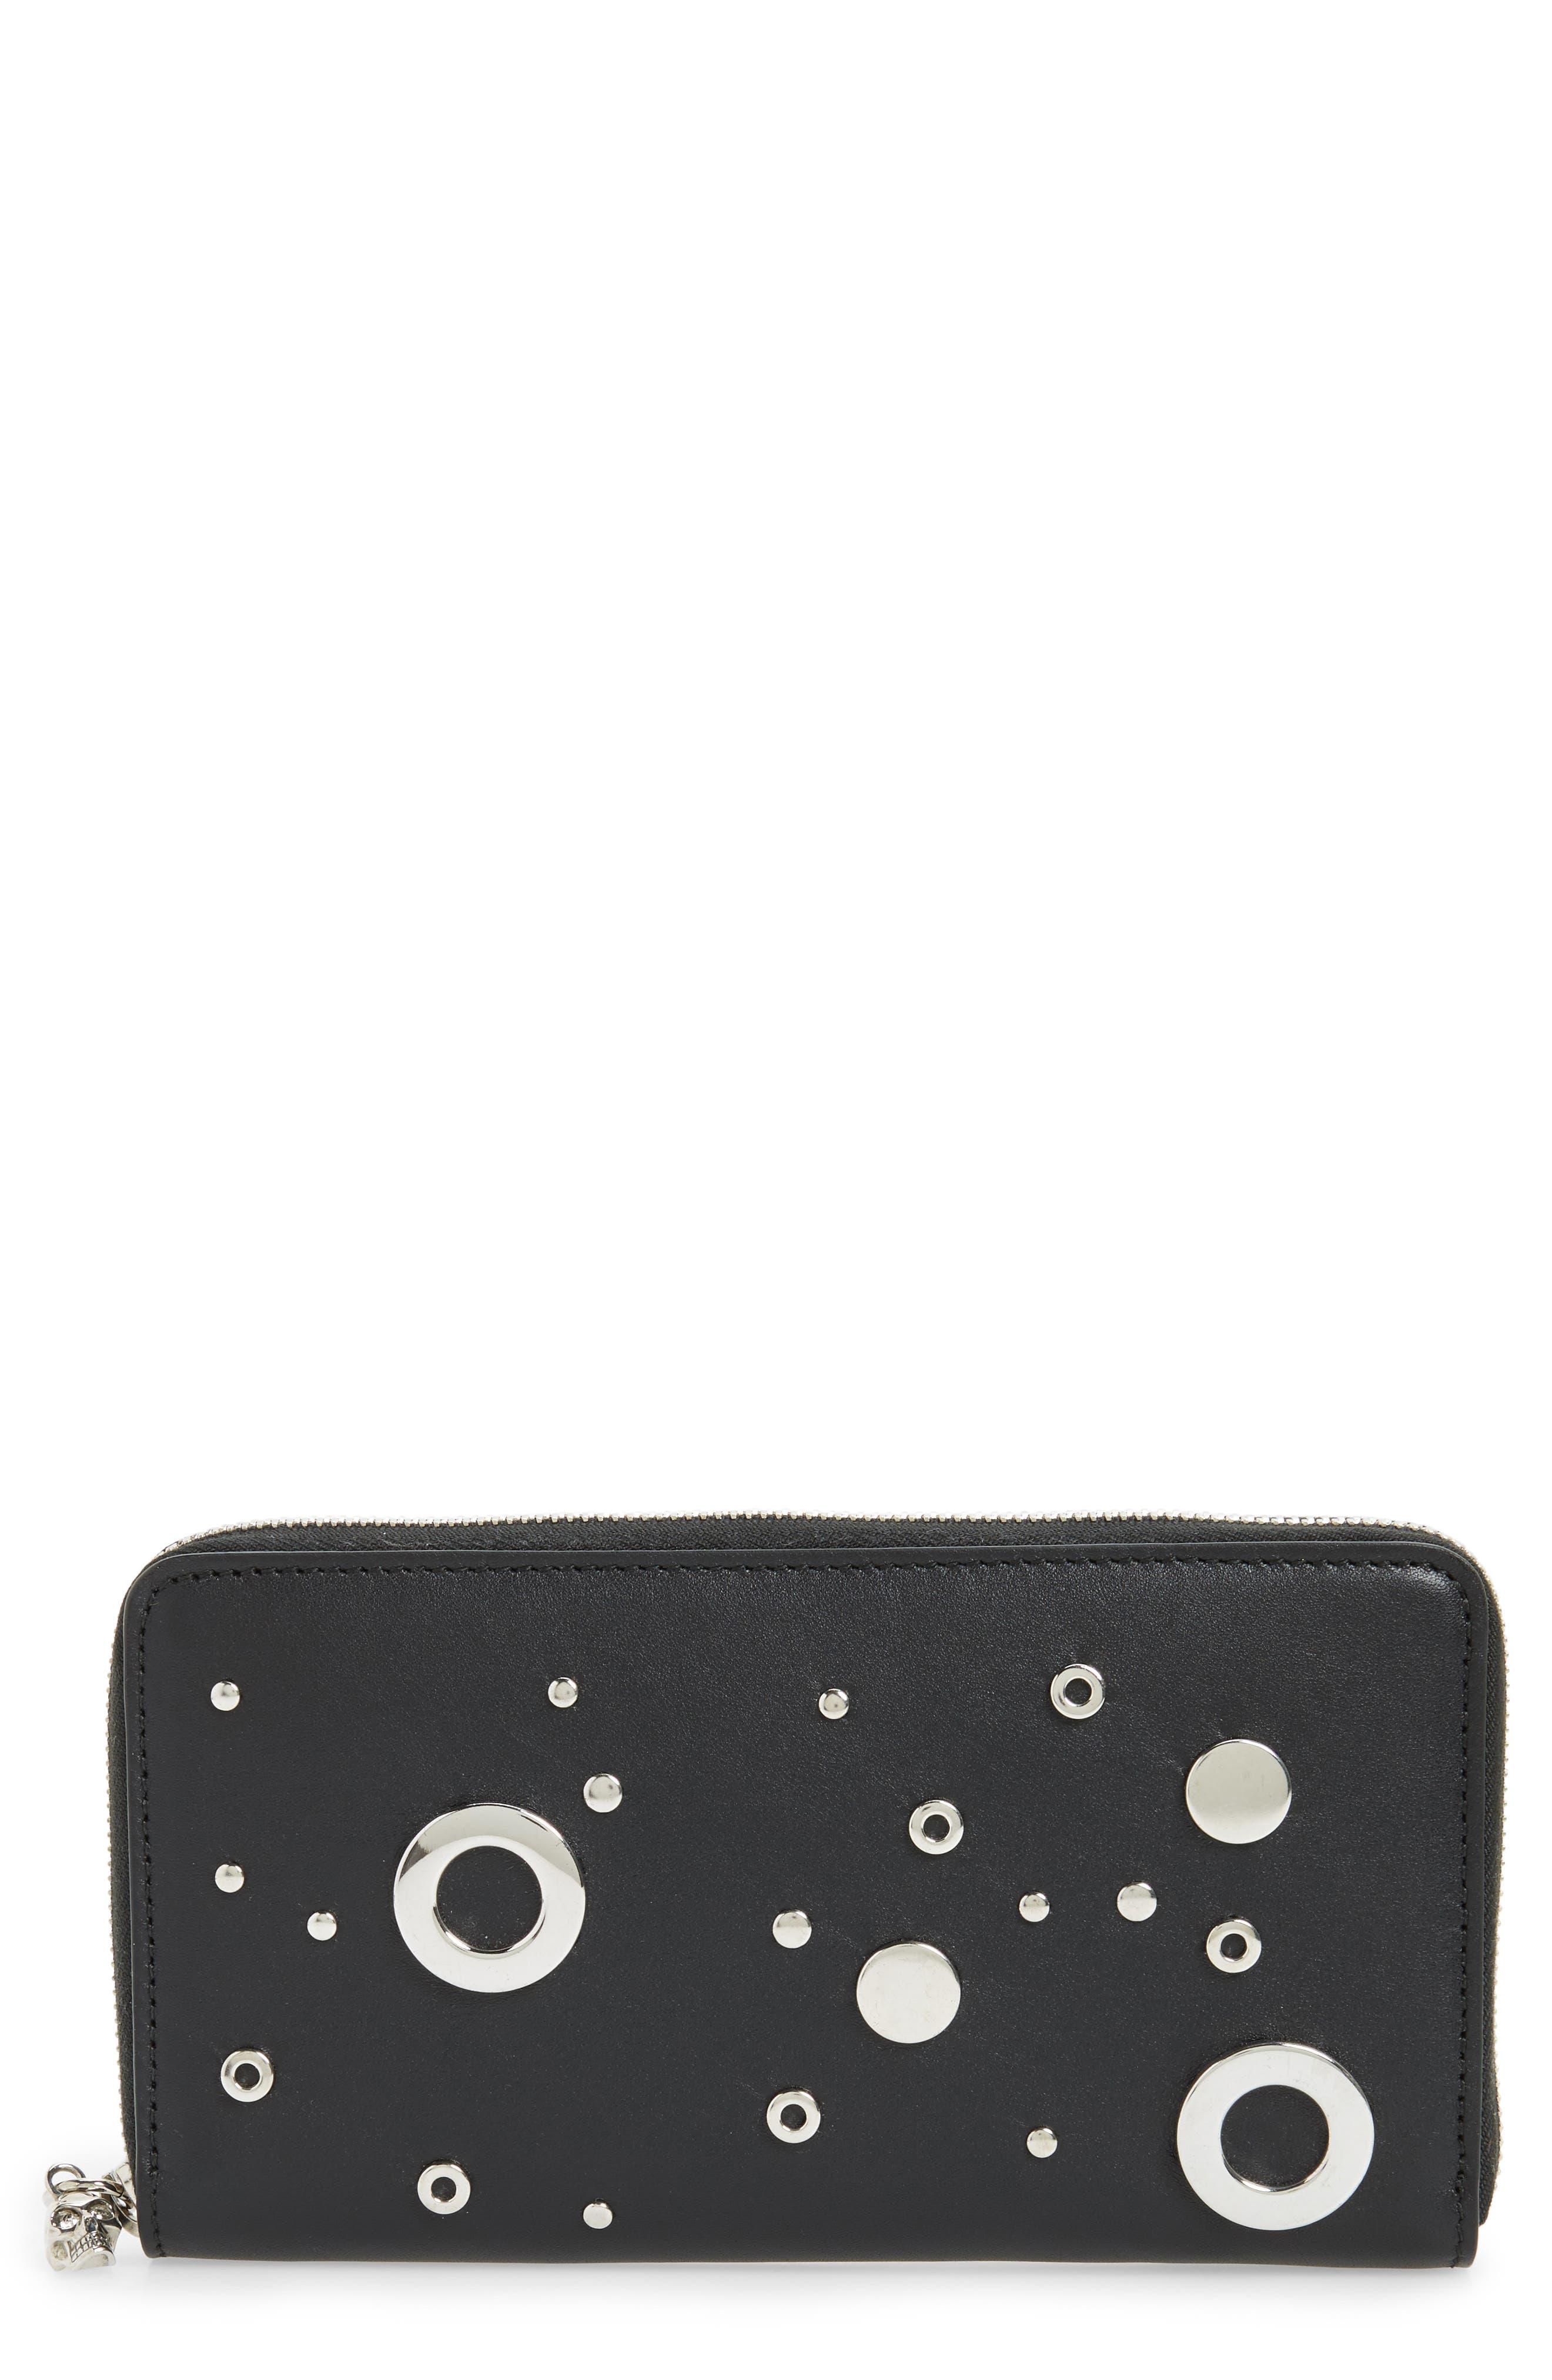 Alexander McQueen Grommet & Stud Calfskin Leather Continental Wallet